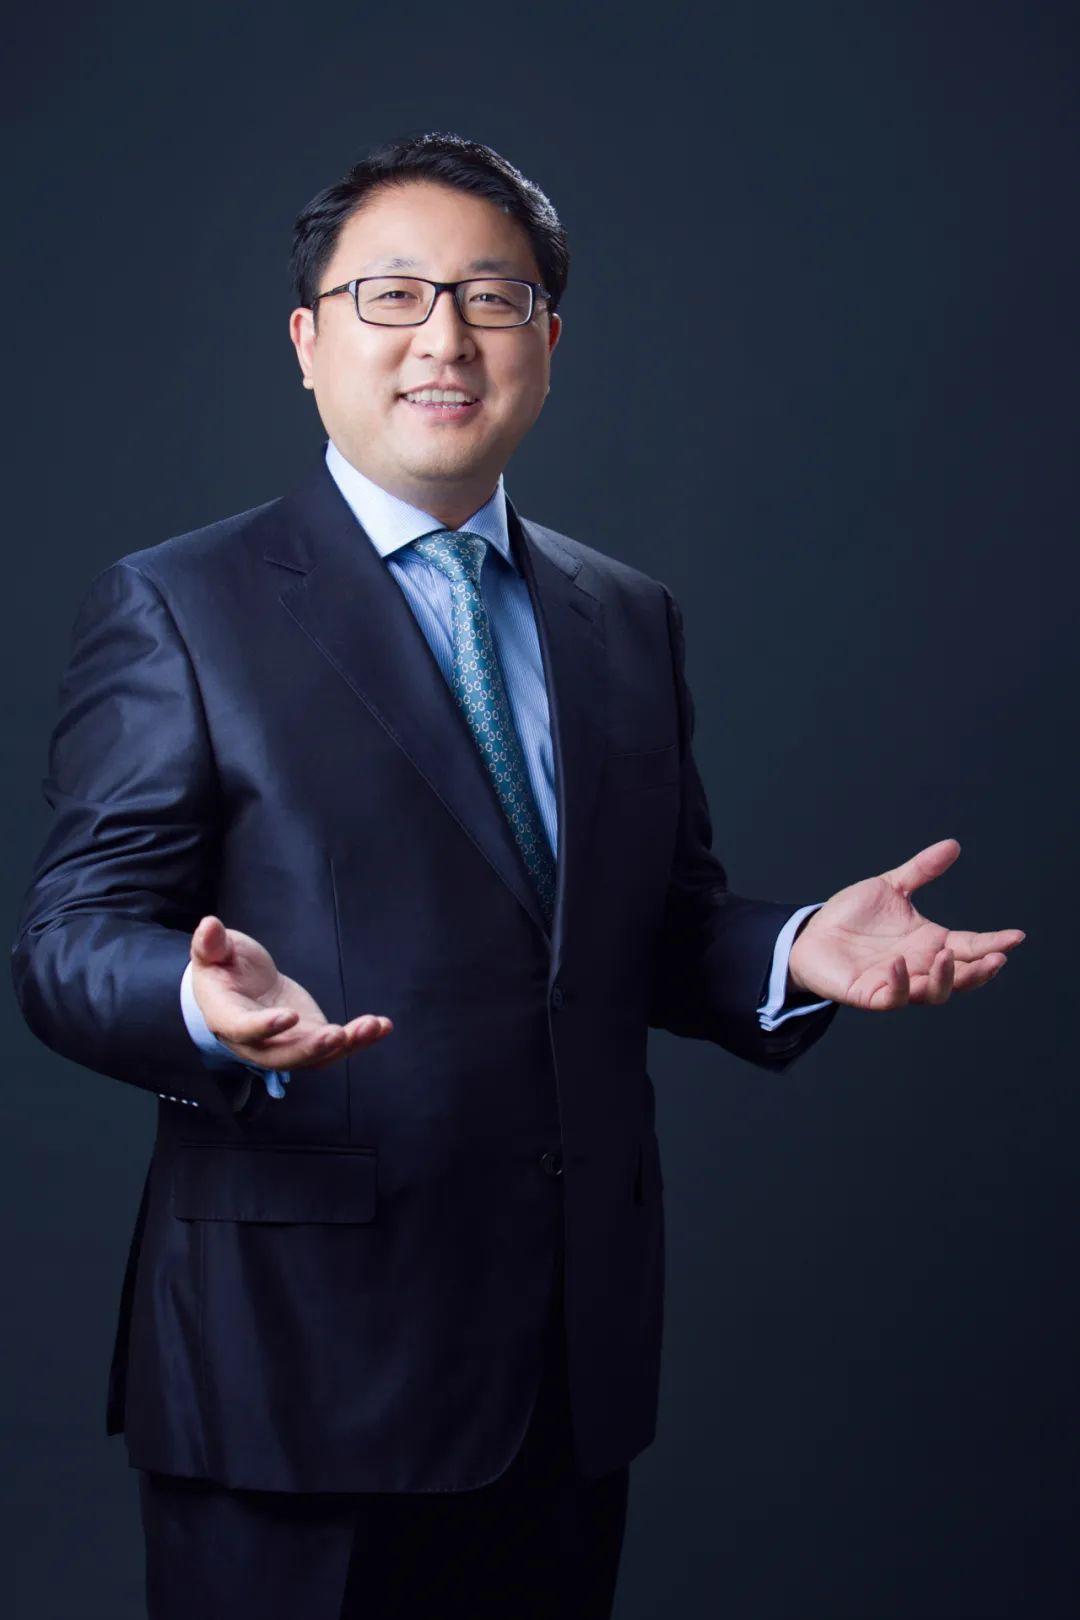 光大理财董事长张旭阳:让投资者相信银行也有好的权益类理财产品